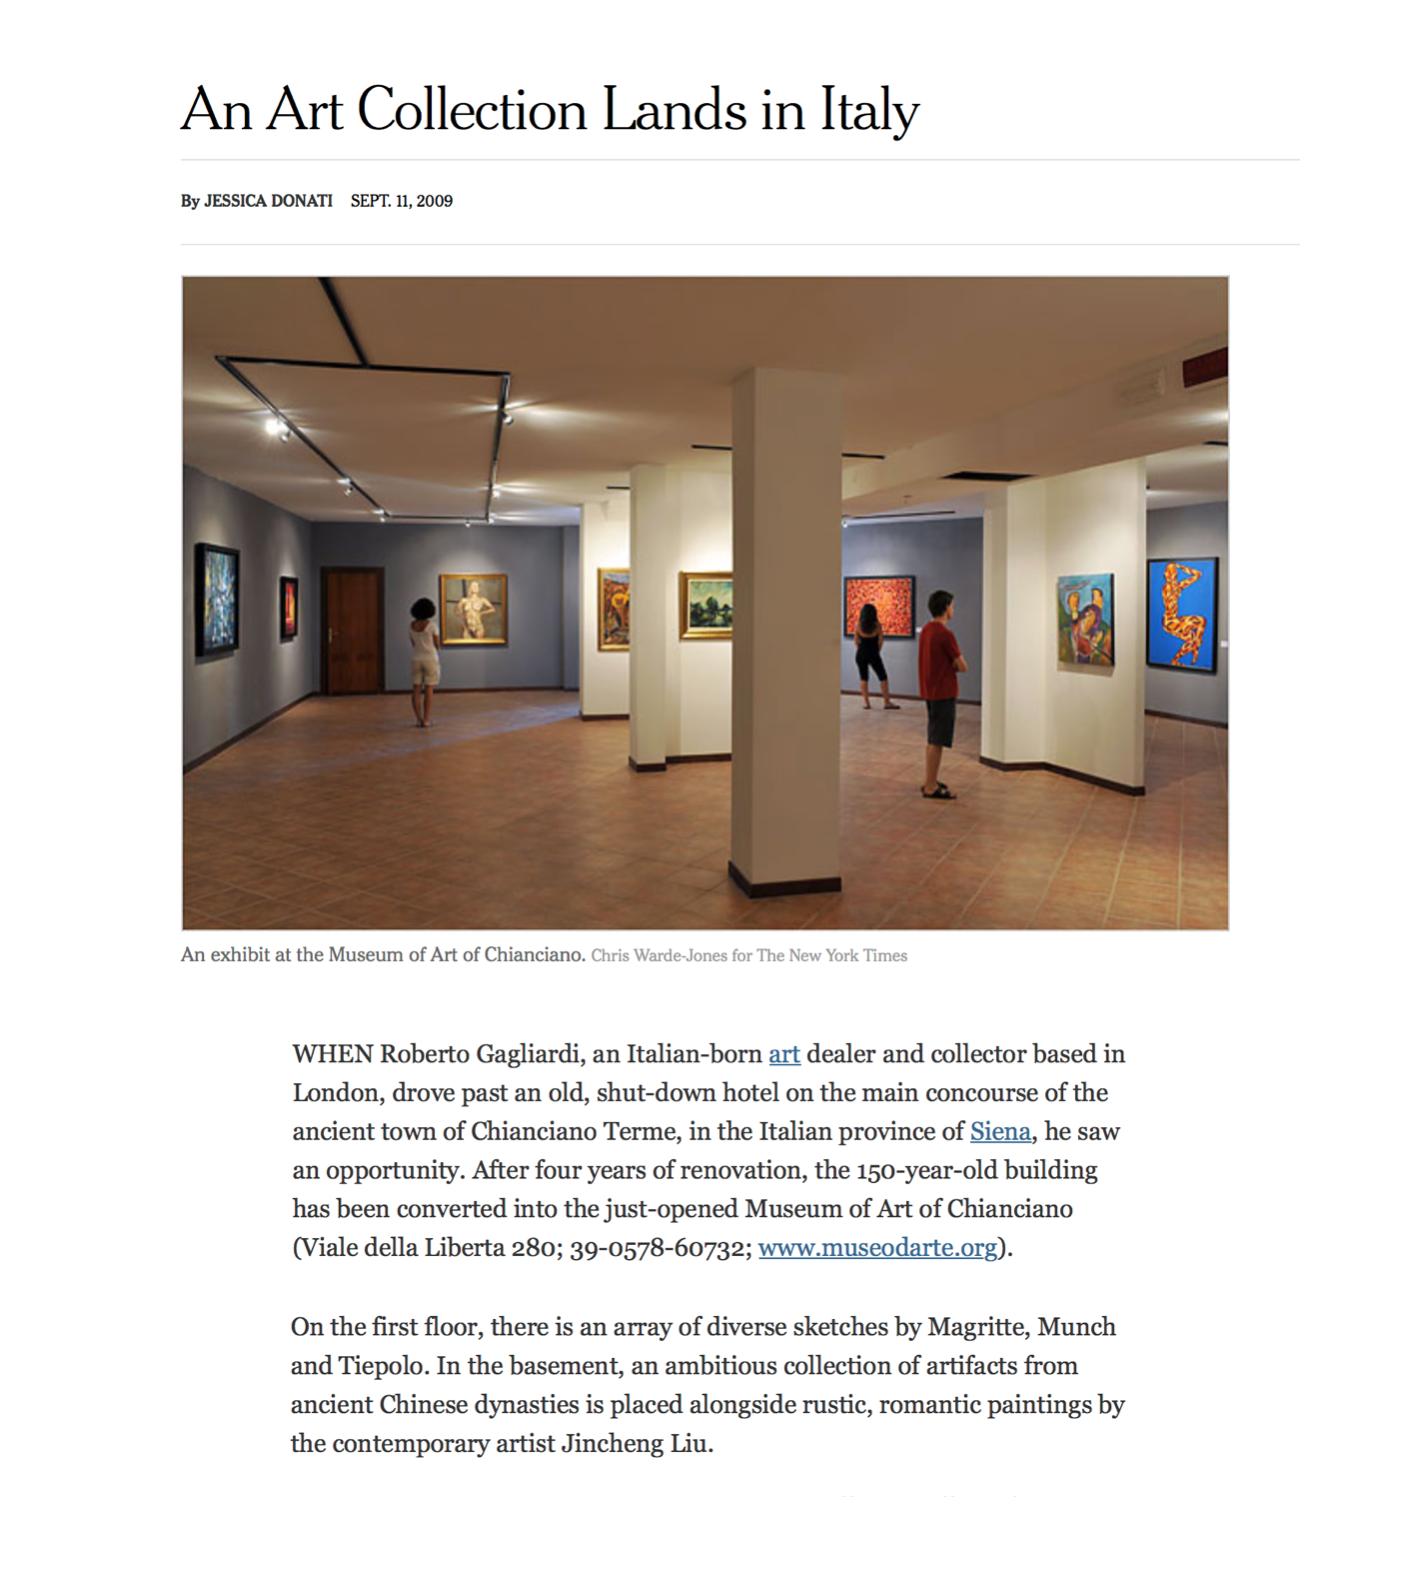 作品被收藏于意大利的一艺术博物馆